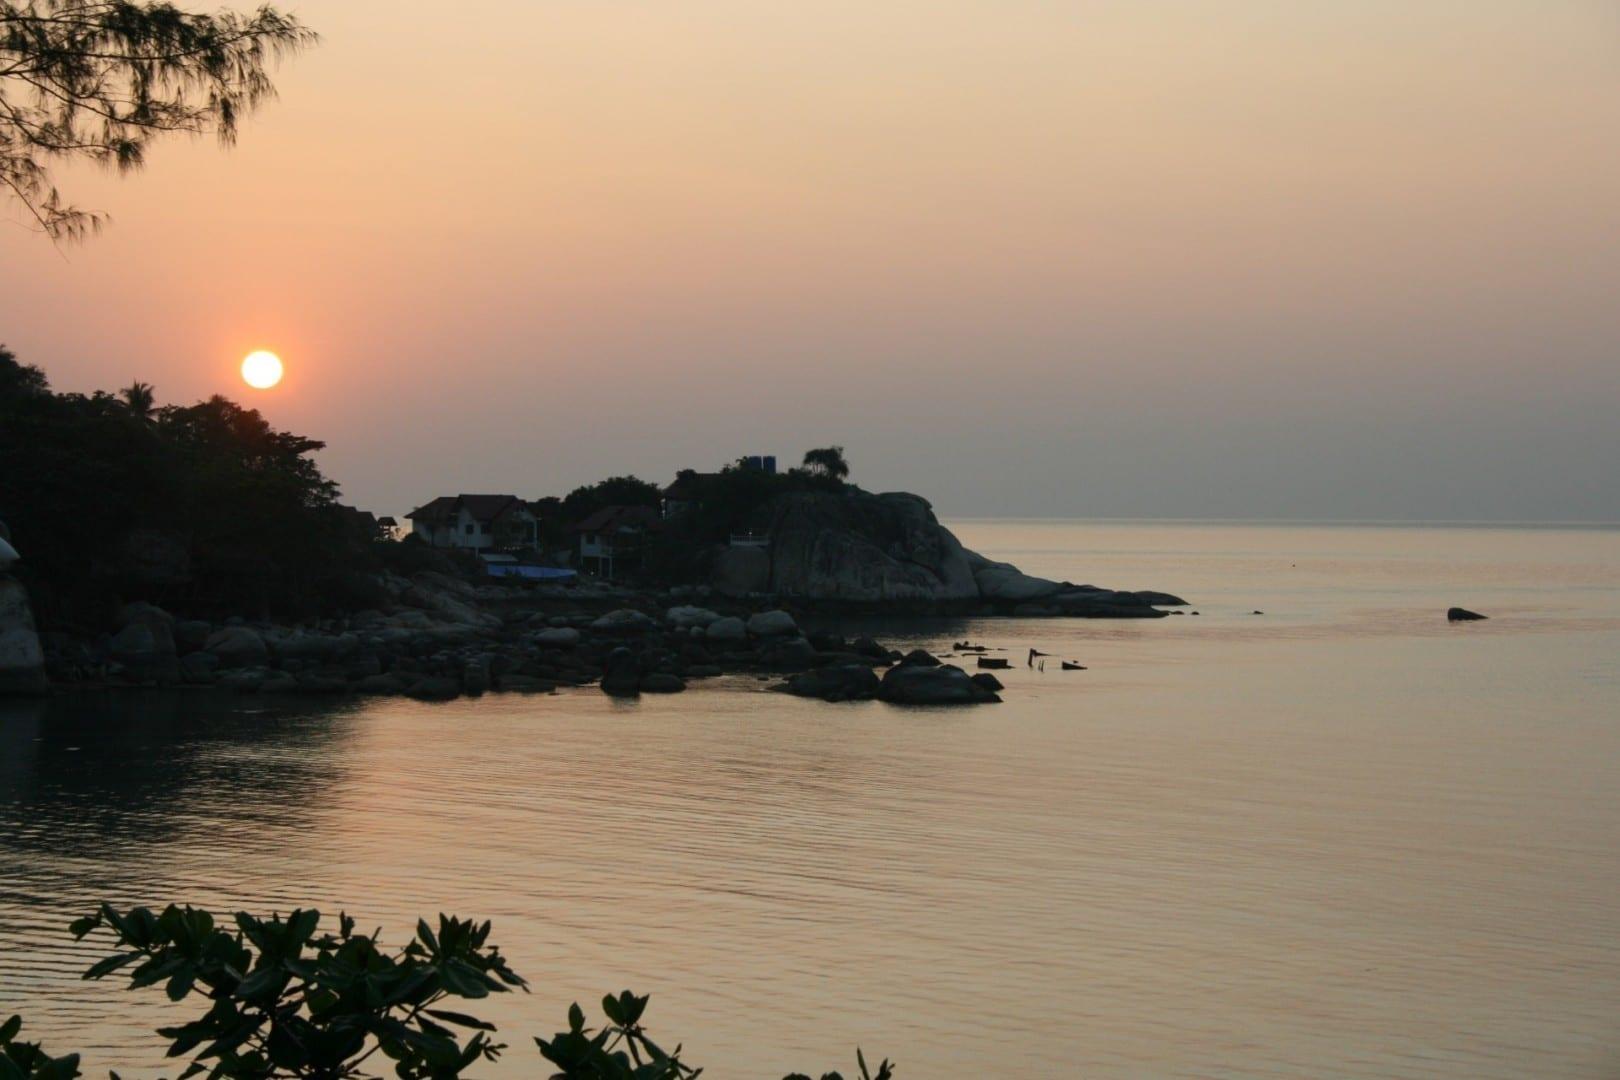 Vista del atardecer desde Mae Haad Koh Tao Tailandia